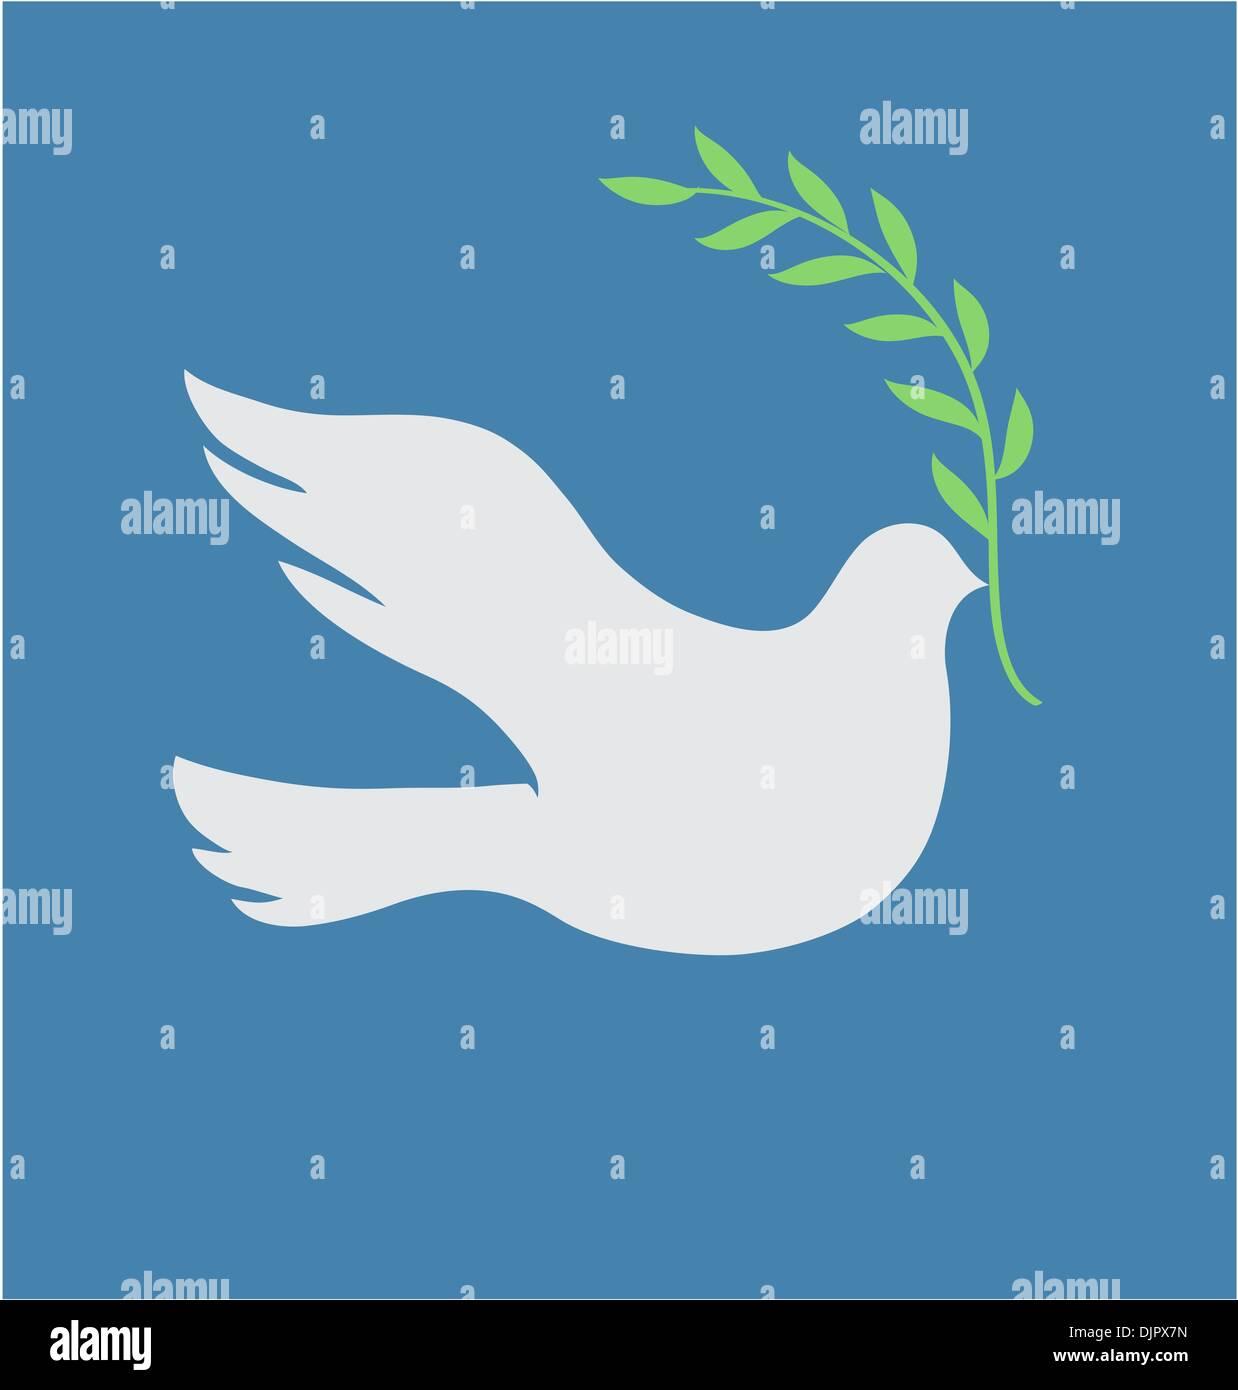 Notion de vecteur illustration de belle colombe blanche en vol tenant une branche d'Olivier Photo Stock